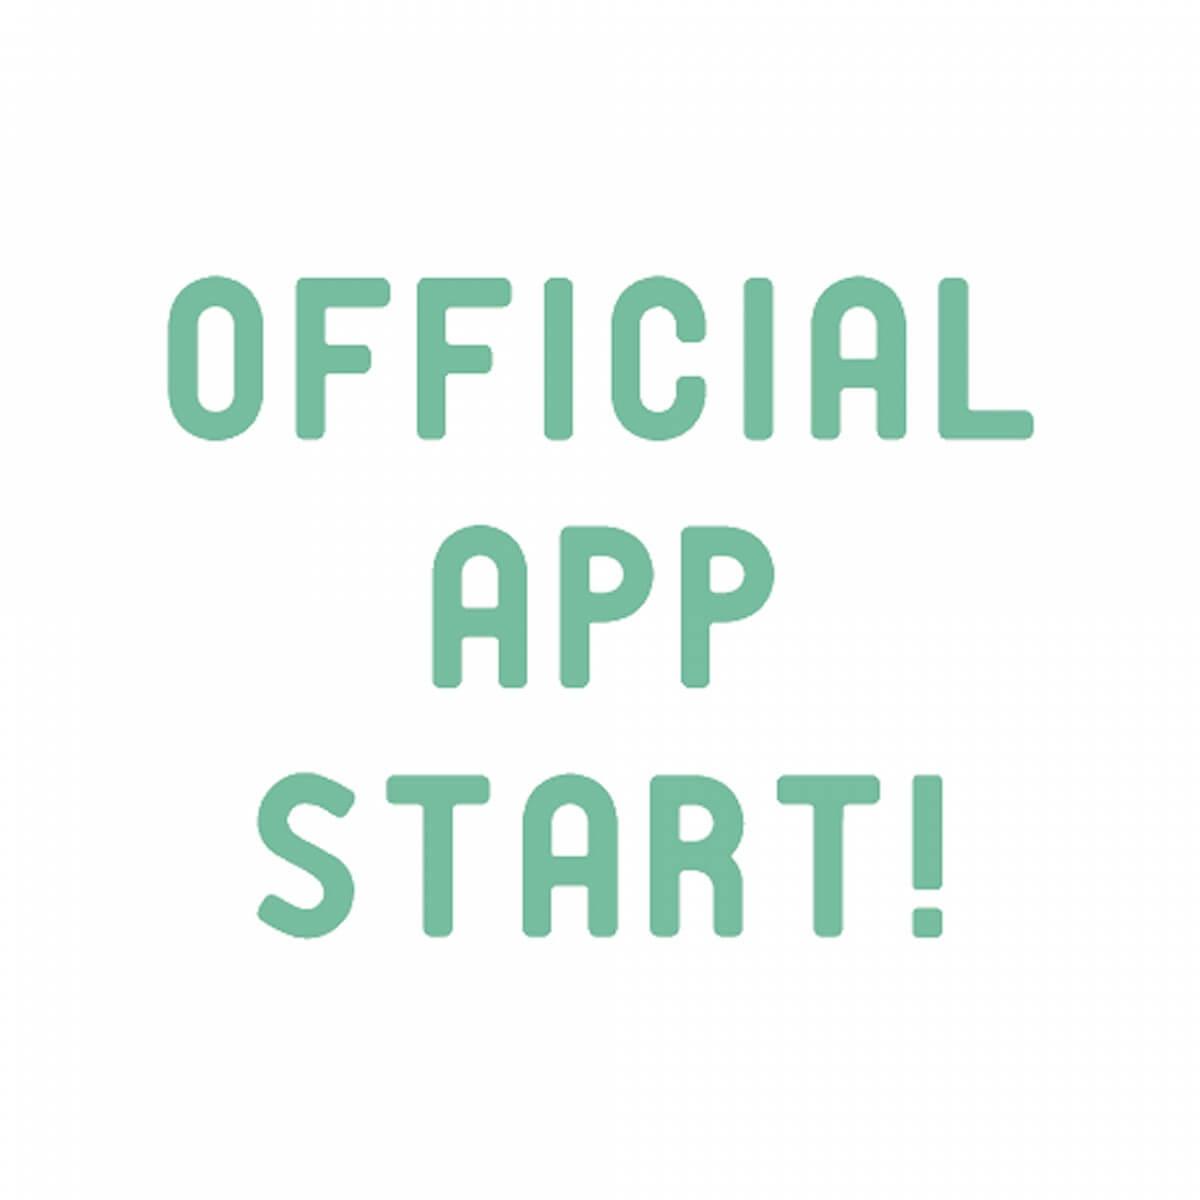 KURAWANKAカードがアプリに変わりました!